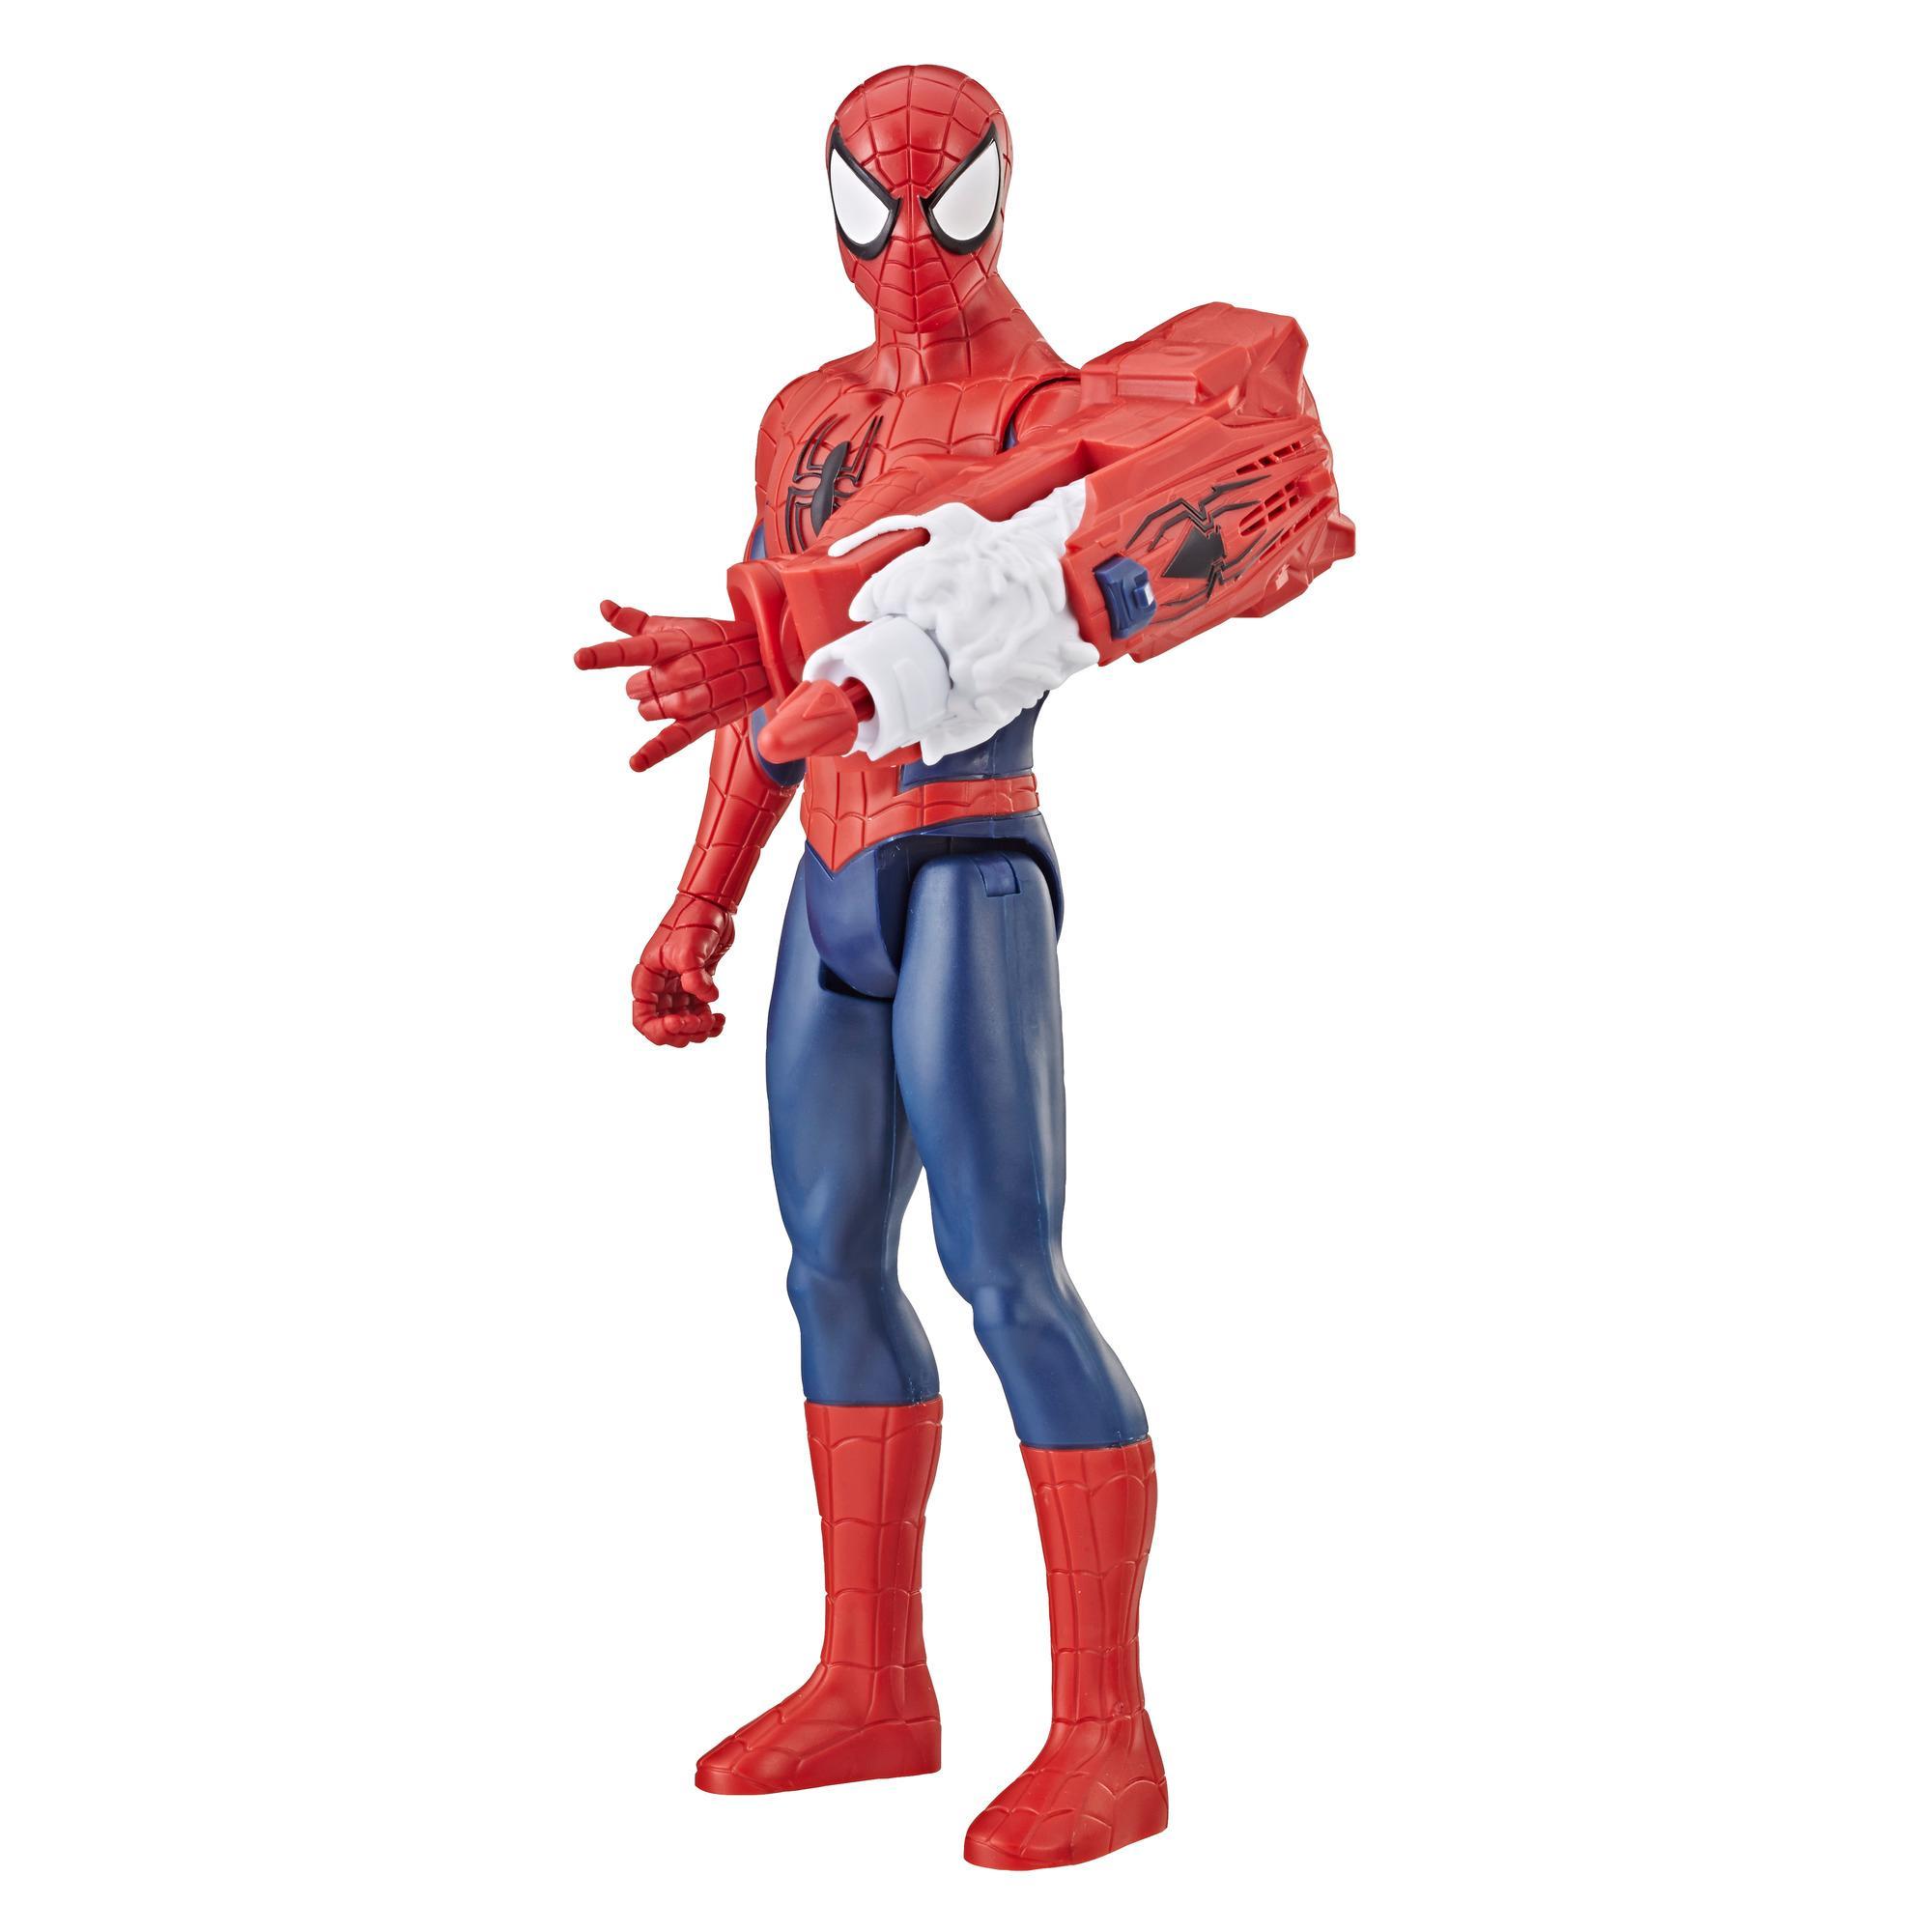 Homem-Aranha da Marvel - Homem-Aranha Titan Hero Power FX